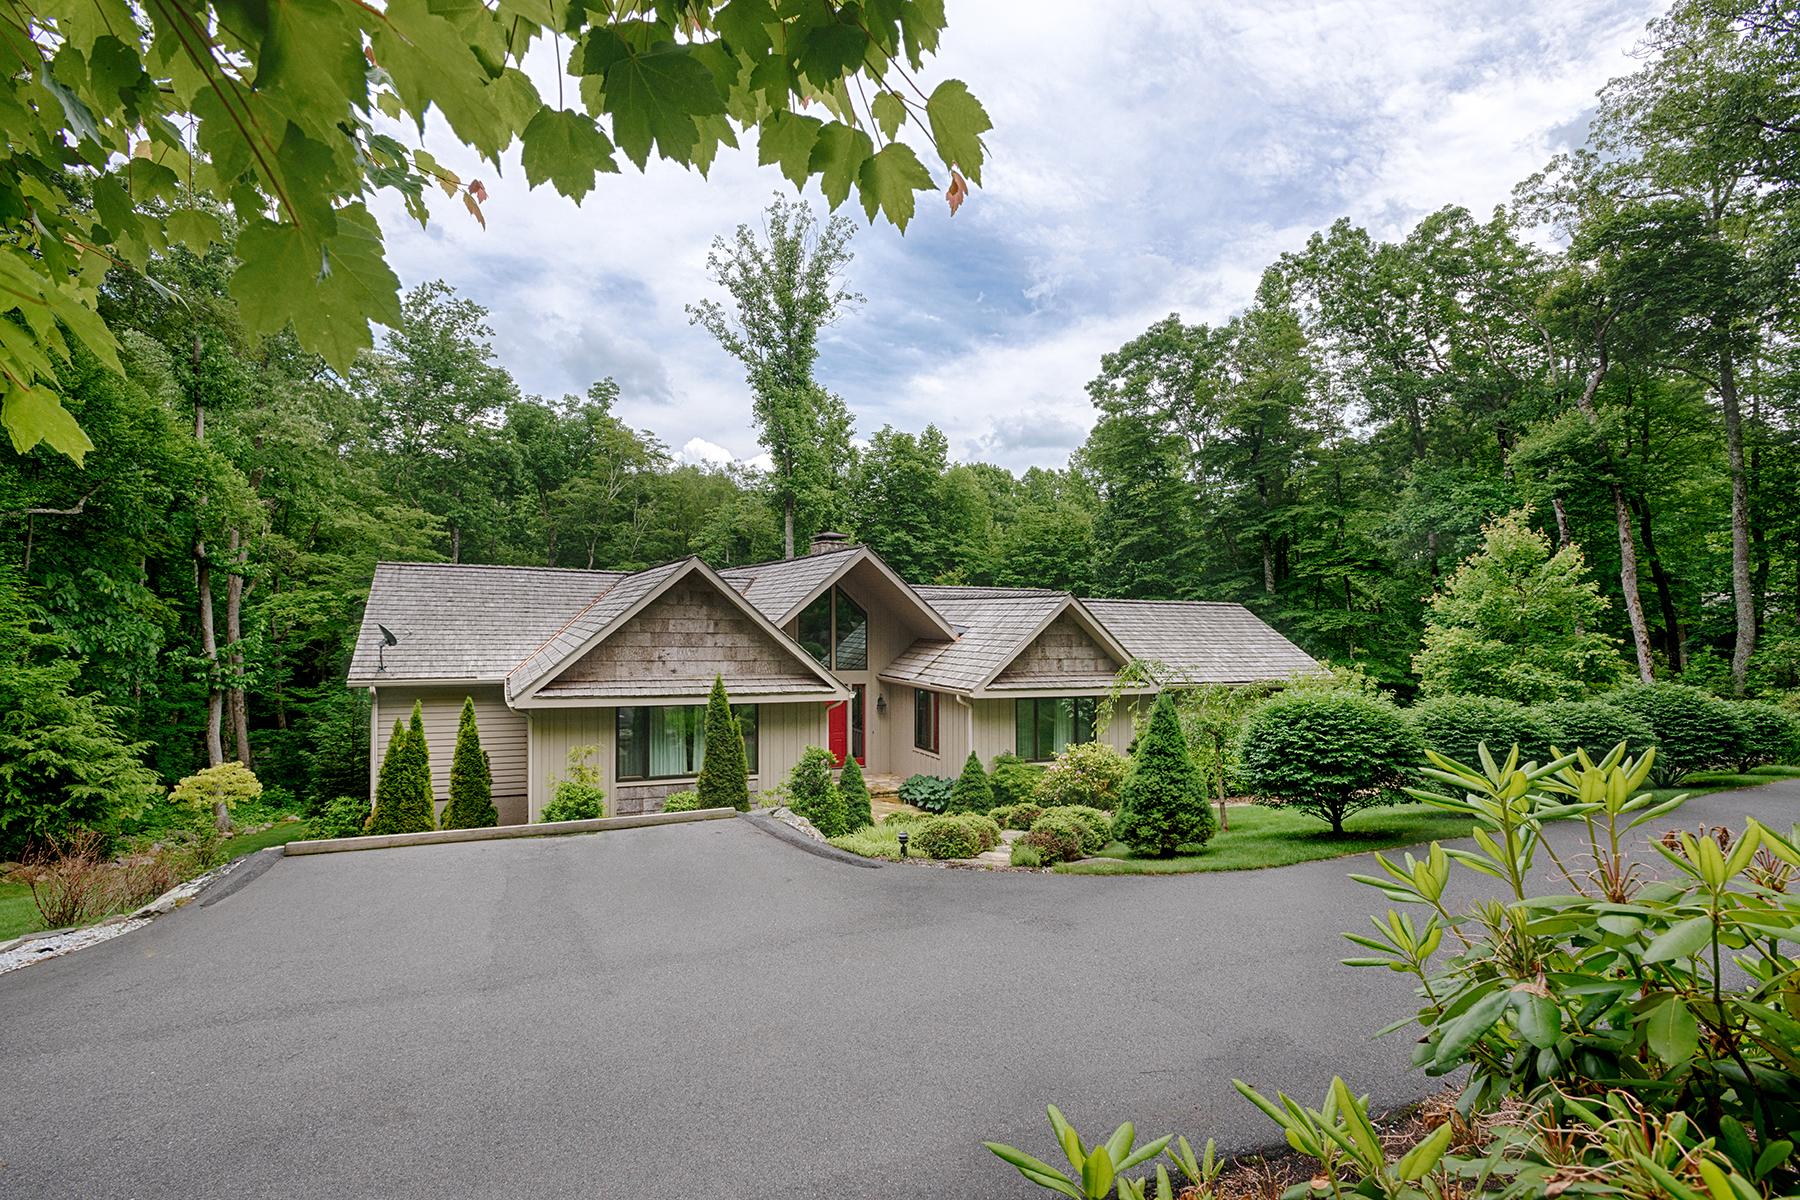 Maison unifamiliale pour l Vente à LINVILLE RIDGE 619 Rock Ledge Lane 6 Linville, Carolina Du Nord 28646 États-Unis